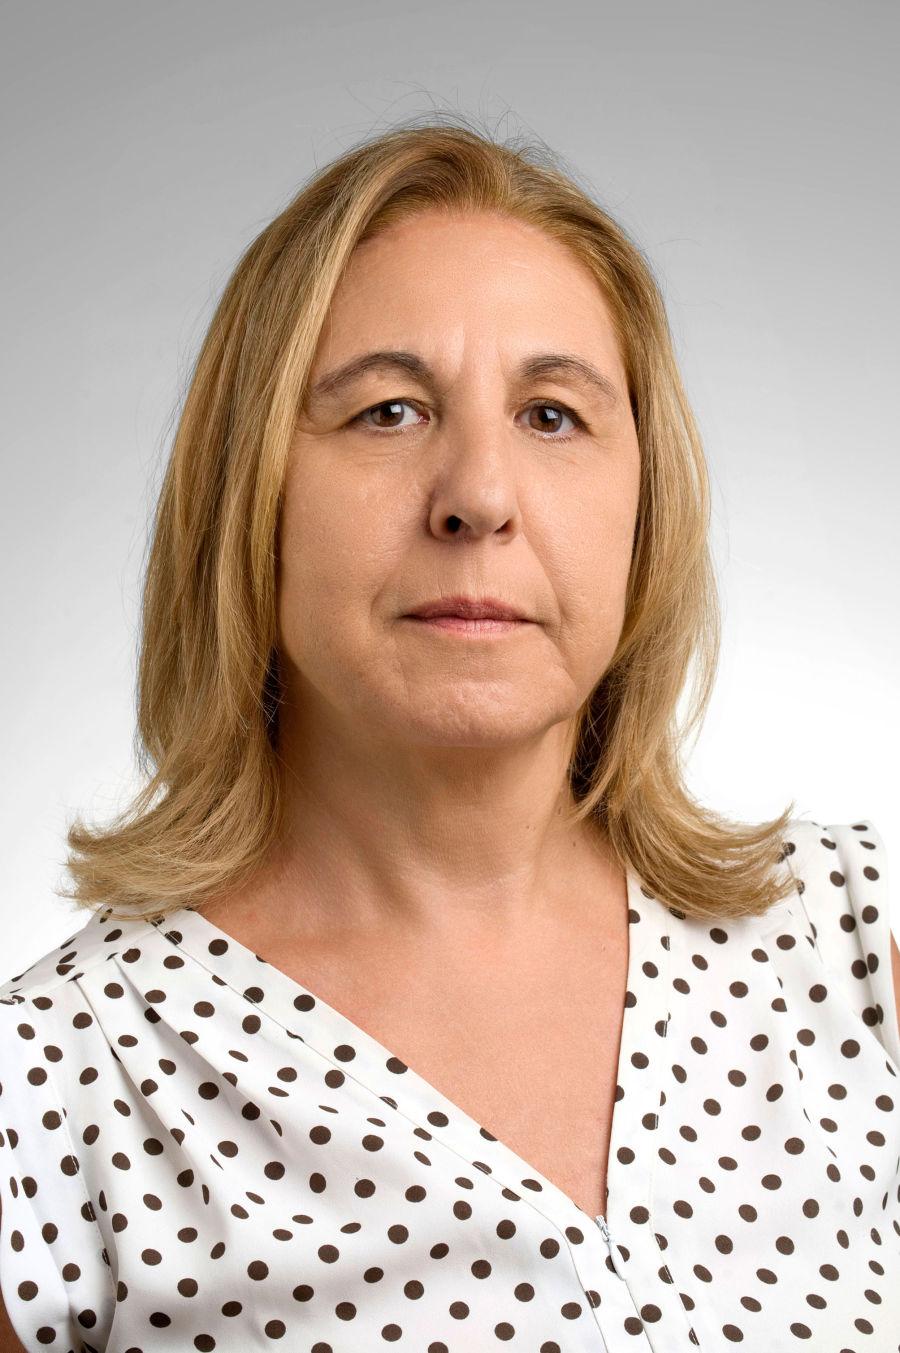 Paz Fernández nombrada directora gerente del Servicio Navarro de Empleo del Gobierno de Navarra